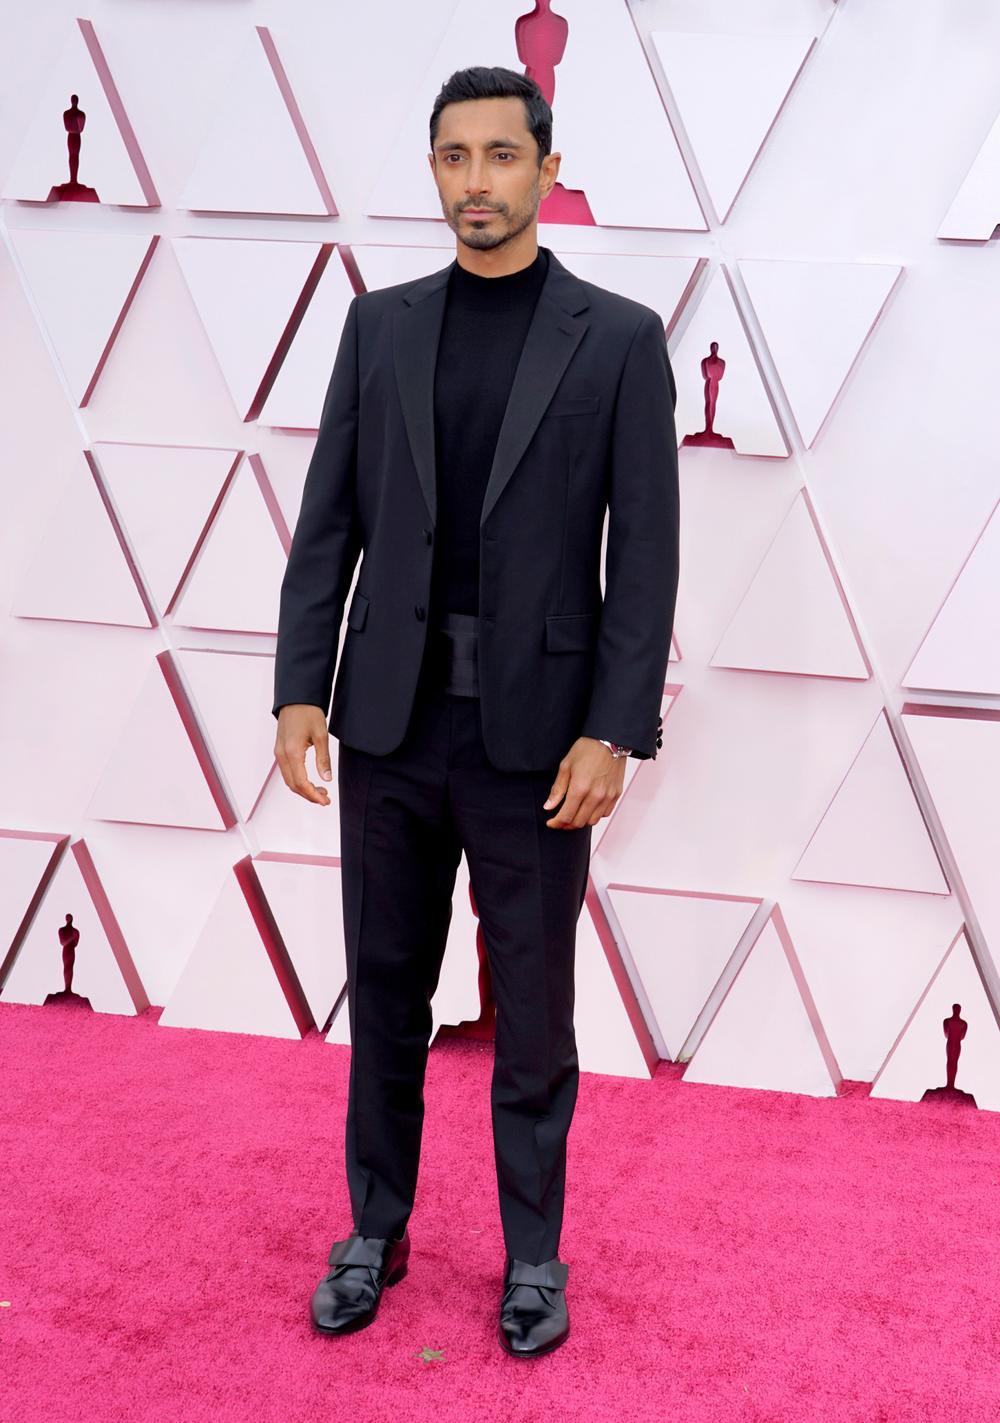 Thảm đỏ Oscar 2021: Lóa mắt với những bộ đầm lộng lẫy của dàn sao Hollywood đình đám Ảnh 13